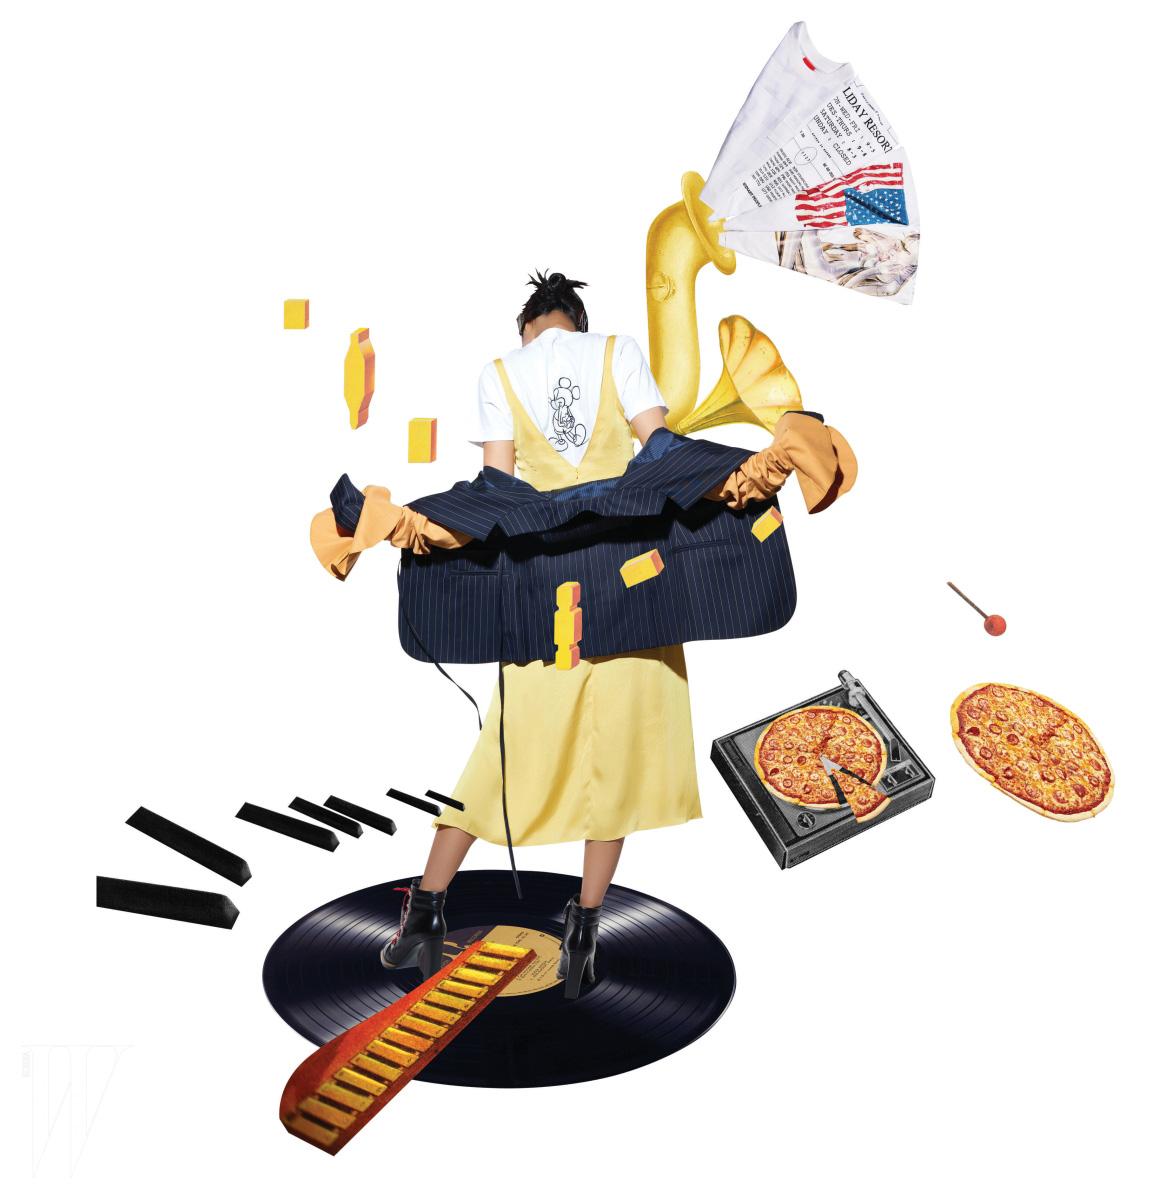 미키 마우스 프린트 티셔츠는 코치 제품. 34만원. 노란색 슬립 드레스는 질 스튜어트 제품. 29만9천원. 팔에 덧댄 머스터드 소매가 돋보이는 얇은 줄무늬 재킷은 자크뮈스 by 분더샵 제품. 1백19만원. 트레킹 스타일 부츠는 토즈 제품. 1백40만원대.